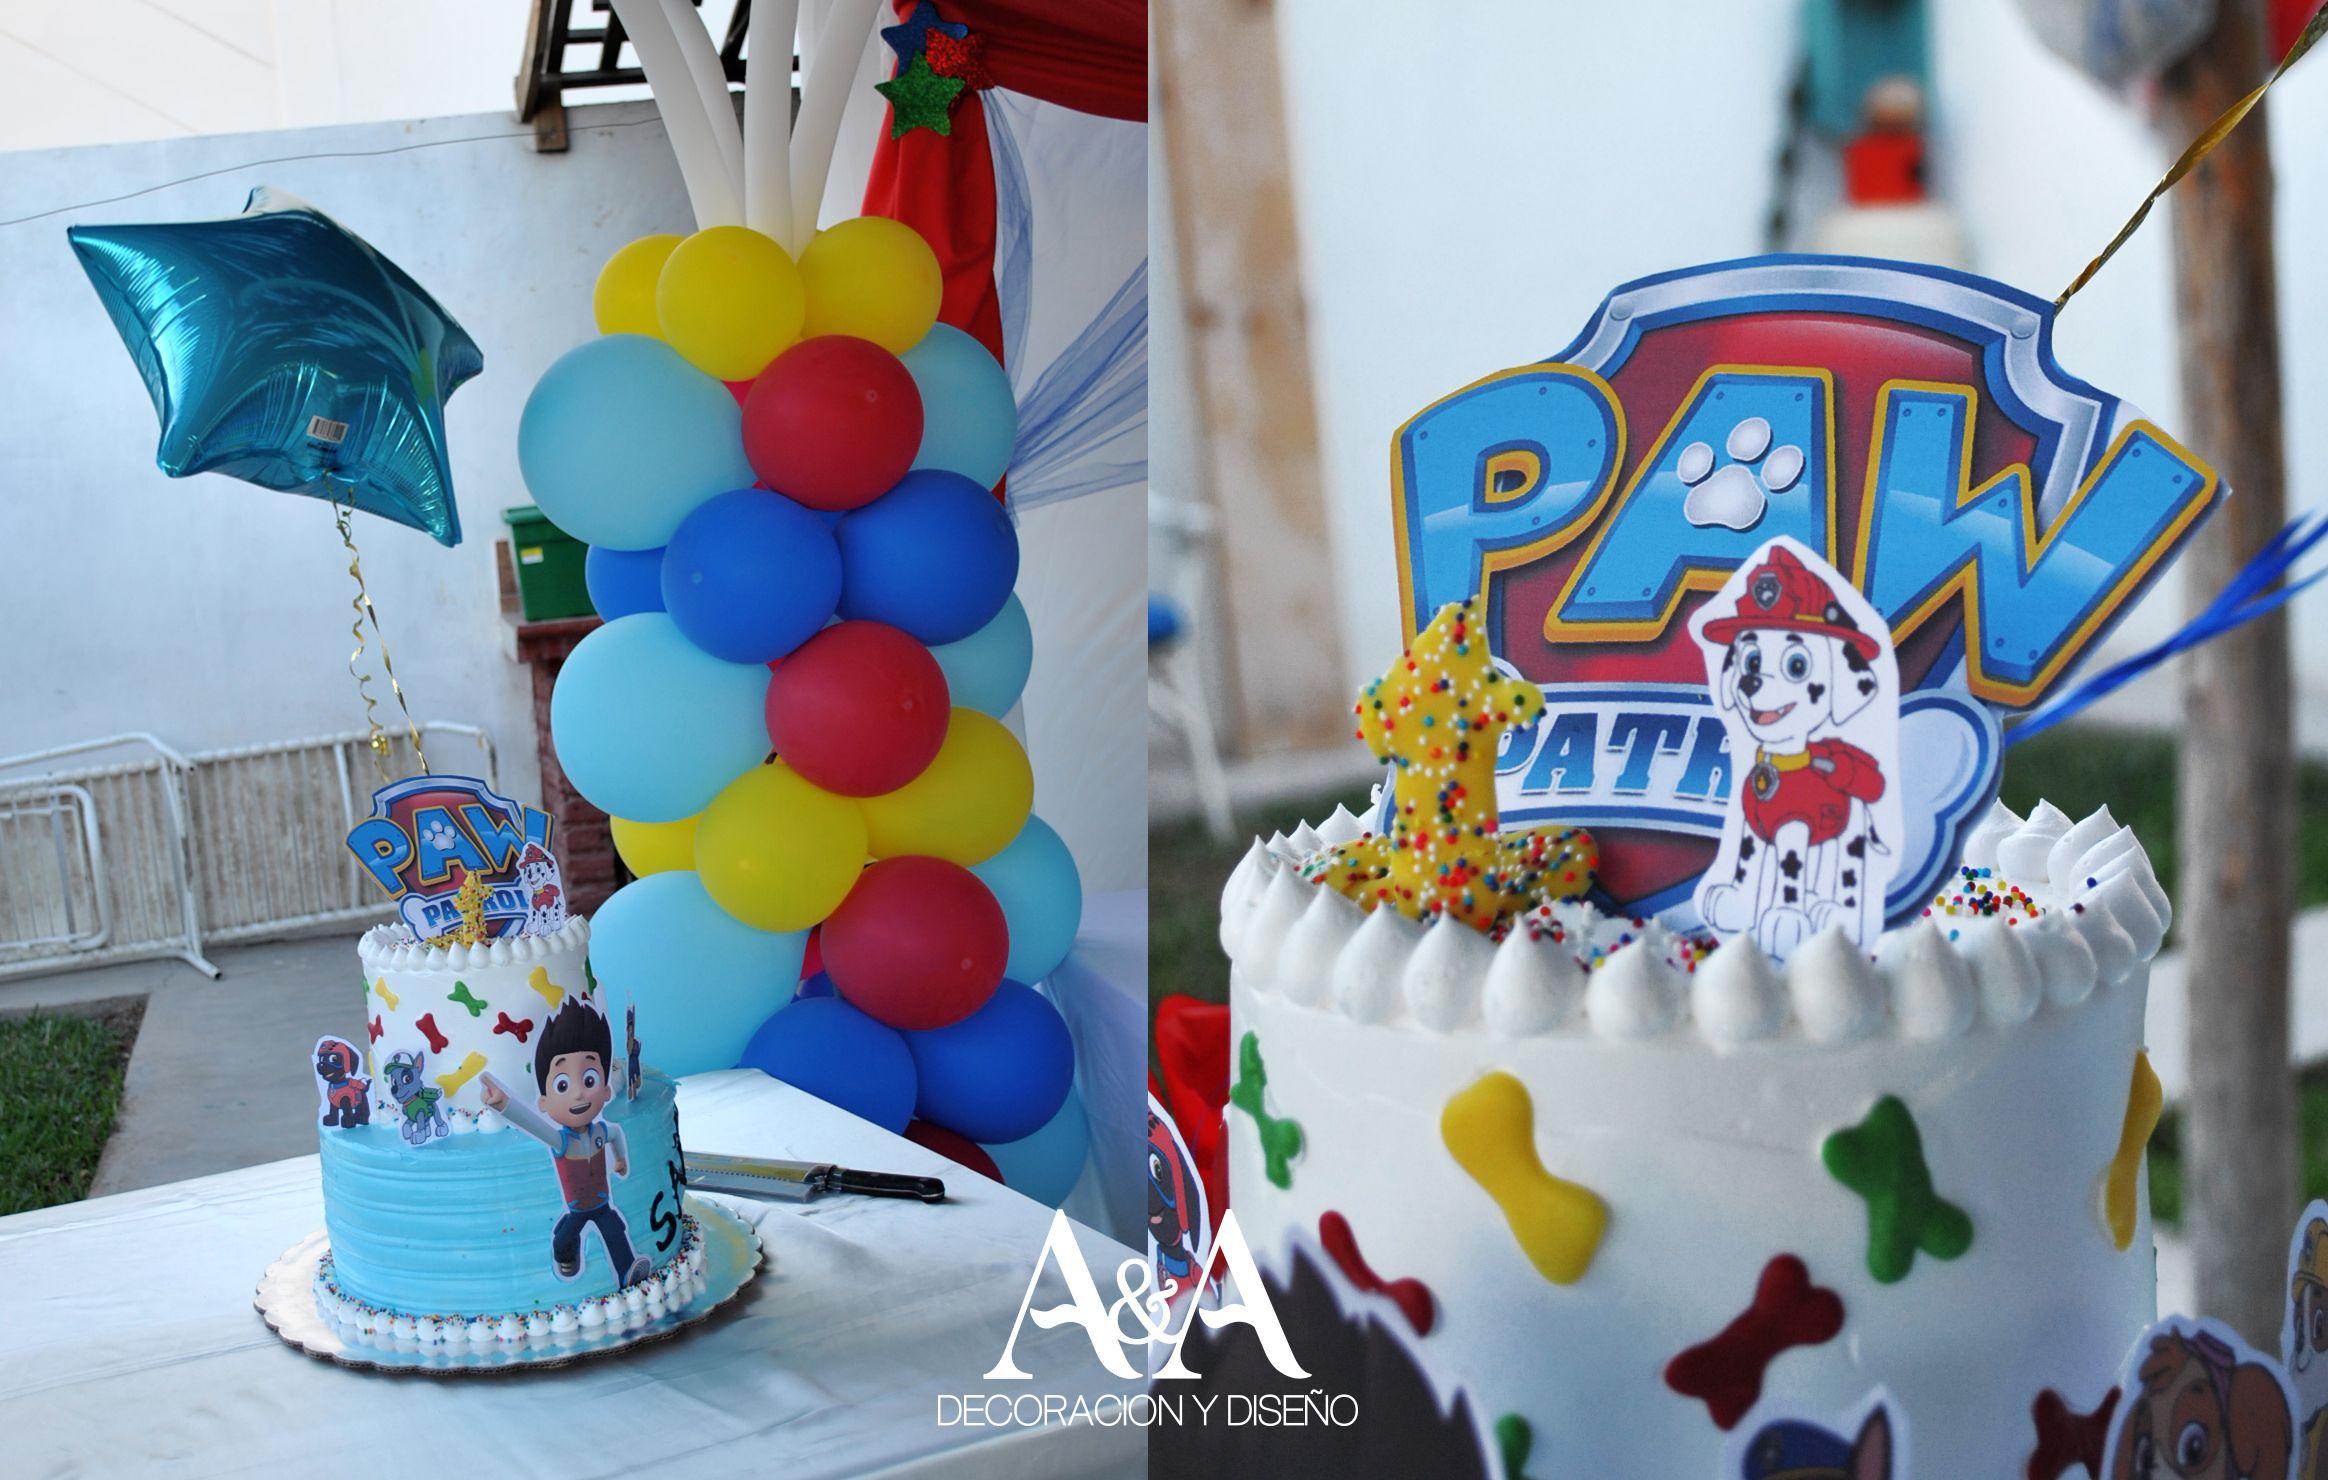 Pastel decorado con la tematica de paw patrol patrulla for Decoracion casa con ninos